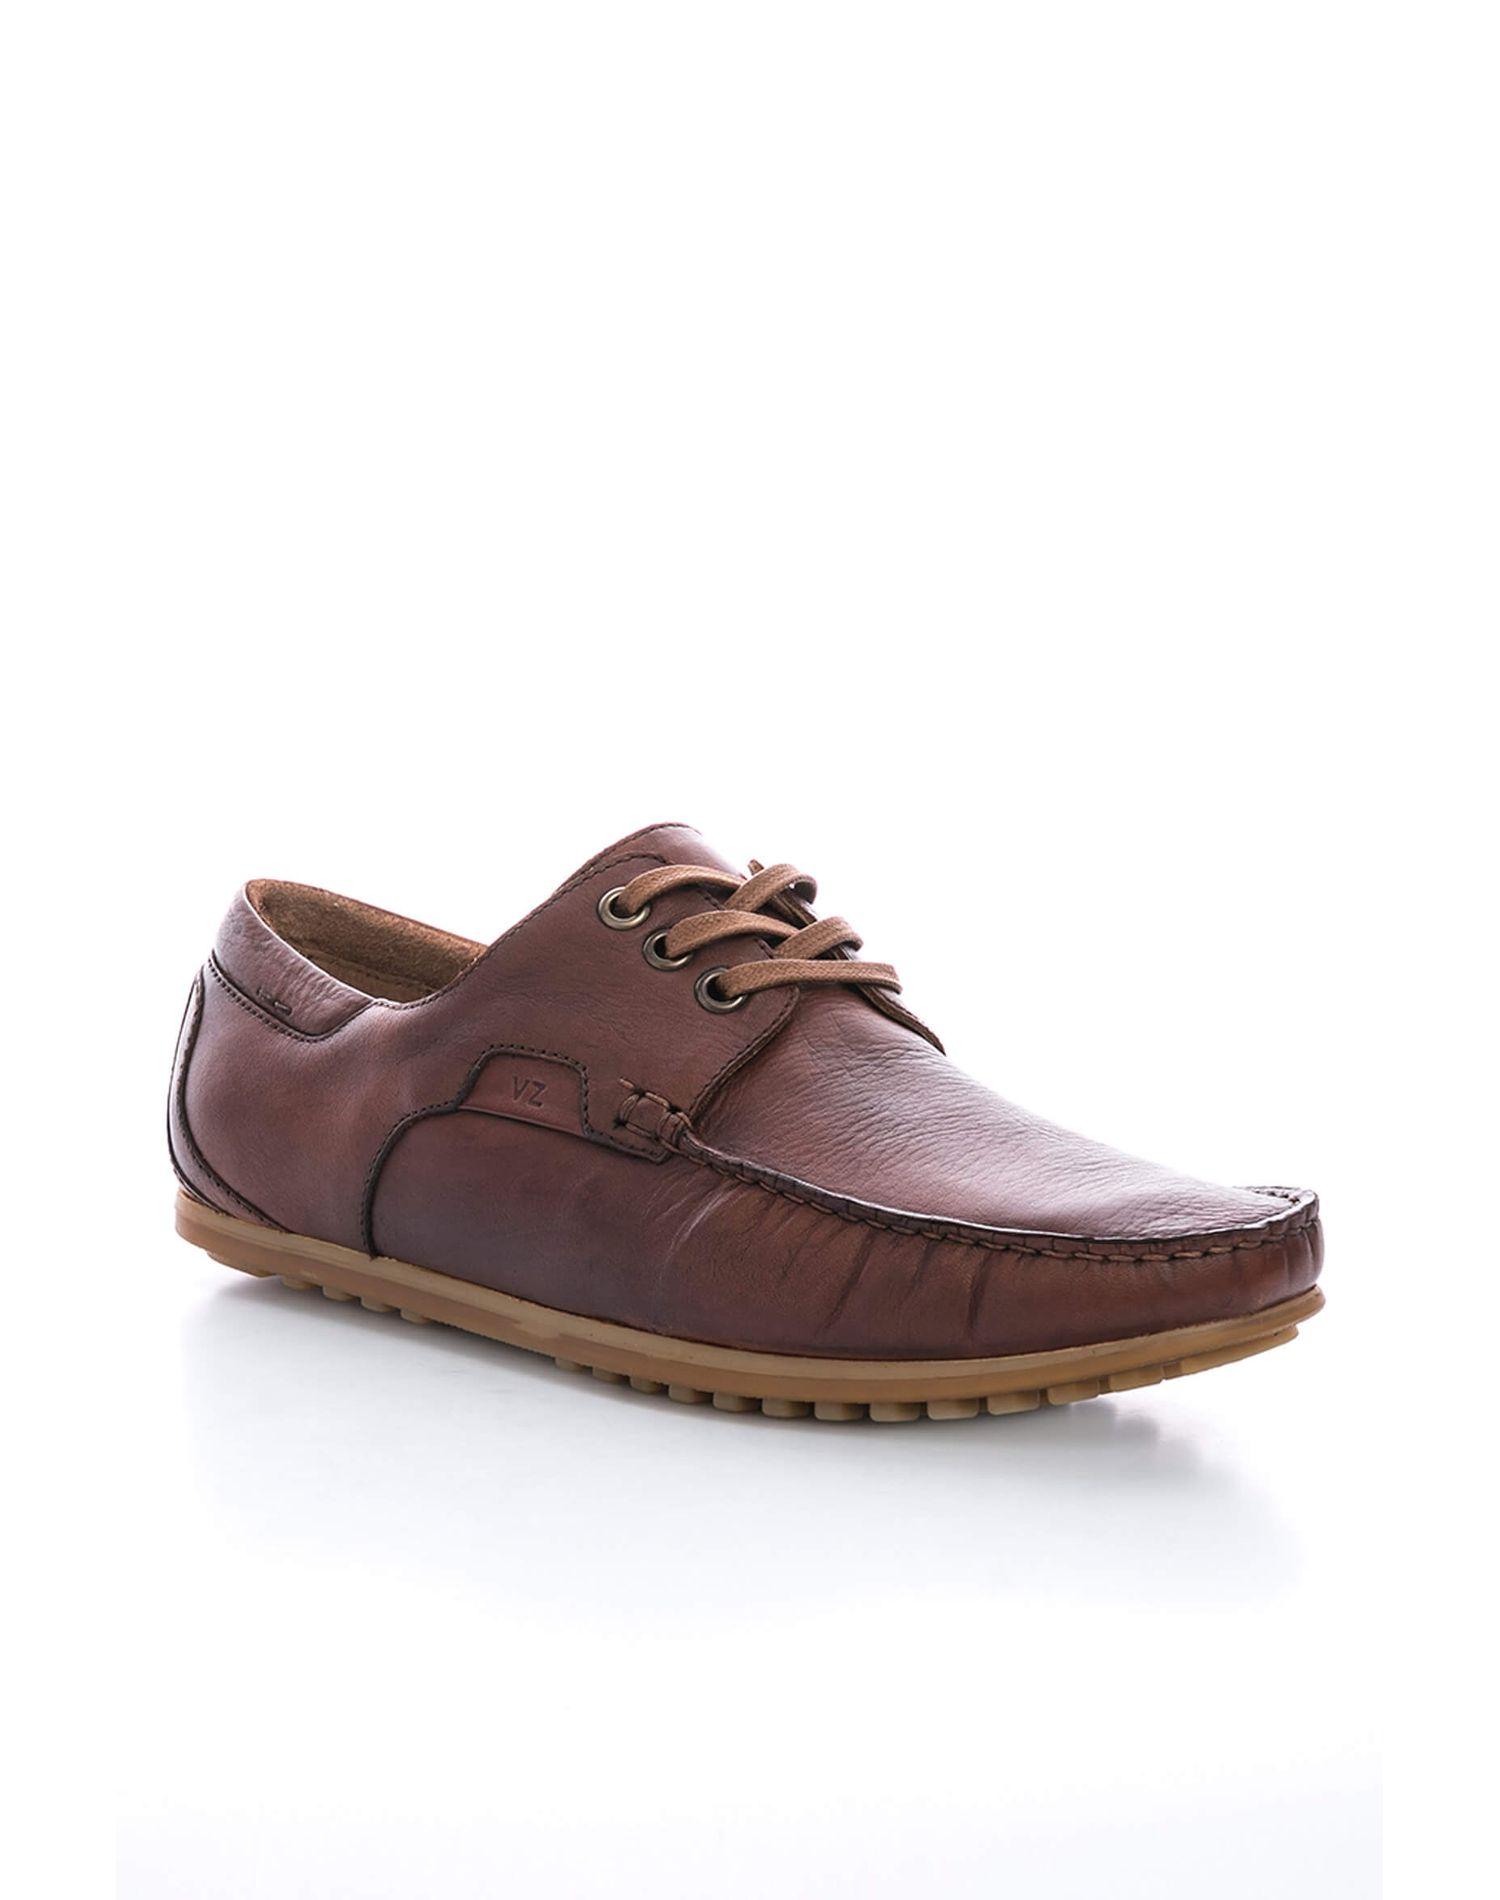 Zapatos de cuero con para cordón para con hombre 12292  Zapatos con cordones 256963